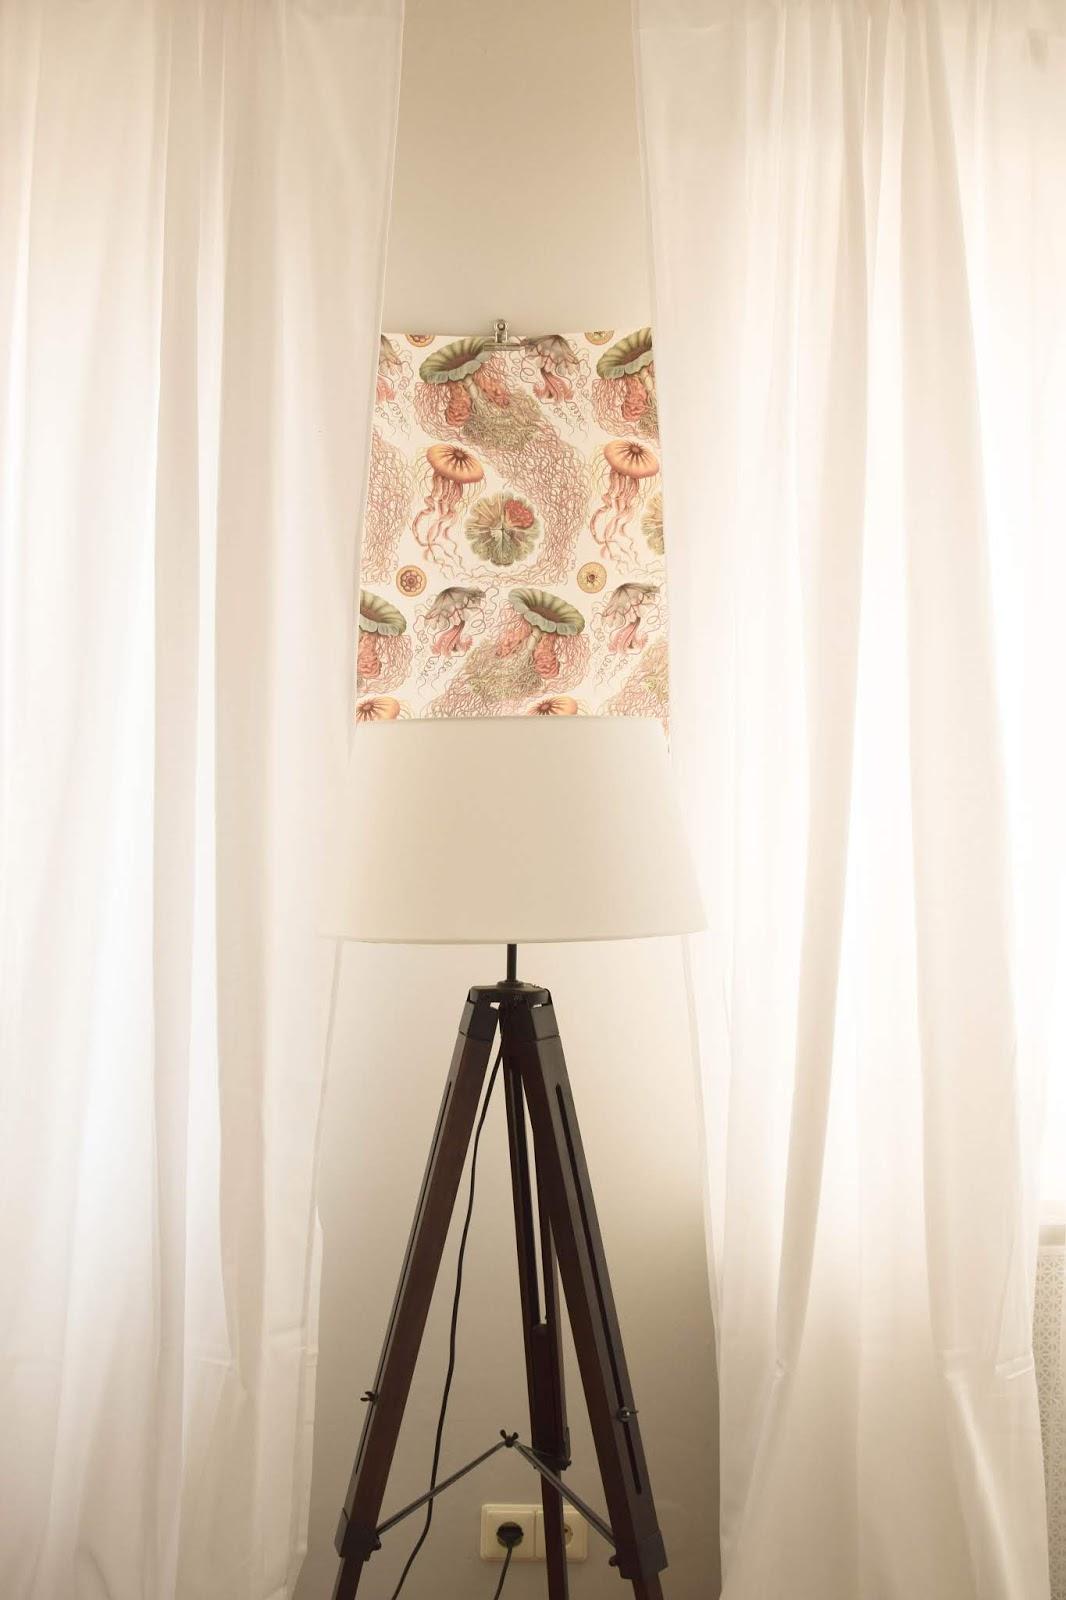 Wanddeko Dekoidee Wand Bilder Poster botanisch Drucke Stehlampe Wandgestaltung günstig einfach schnell